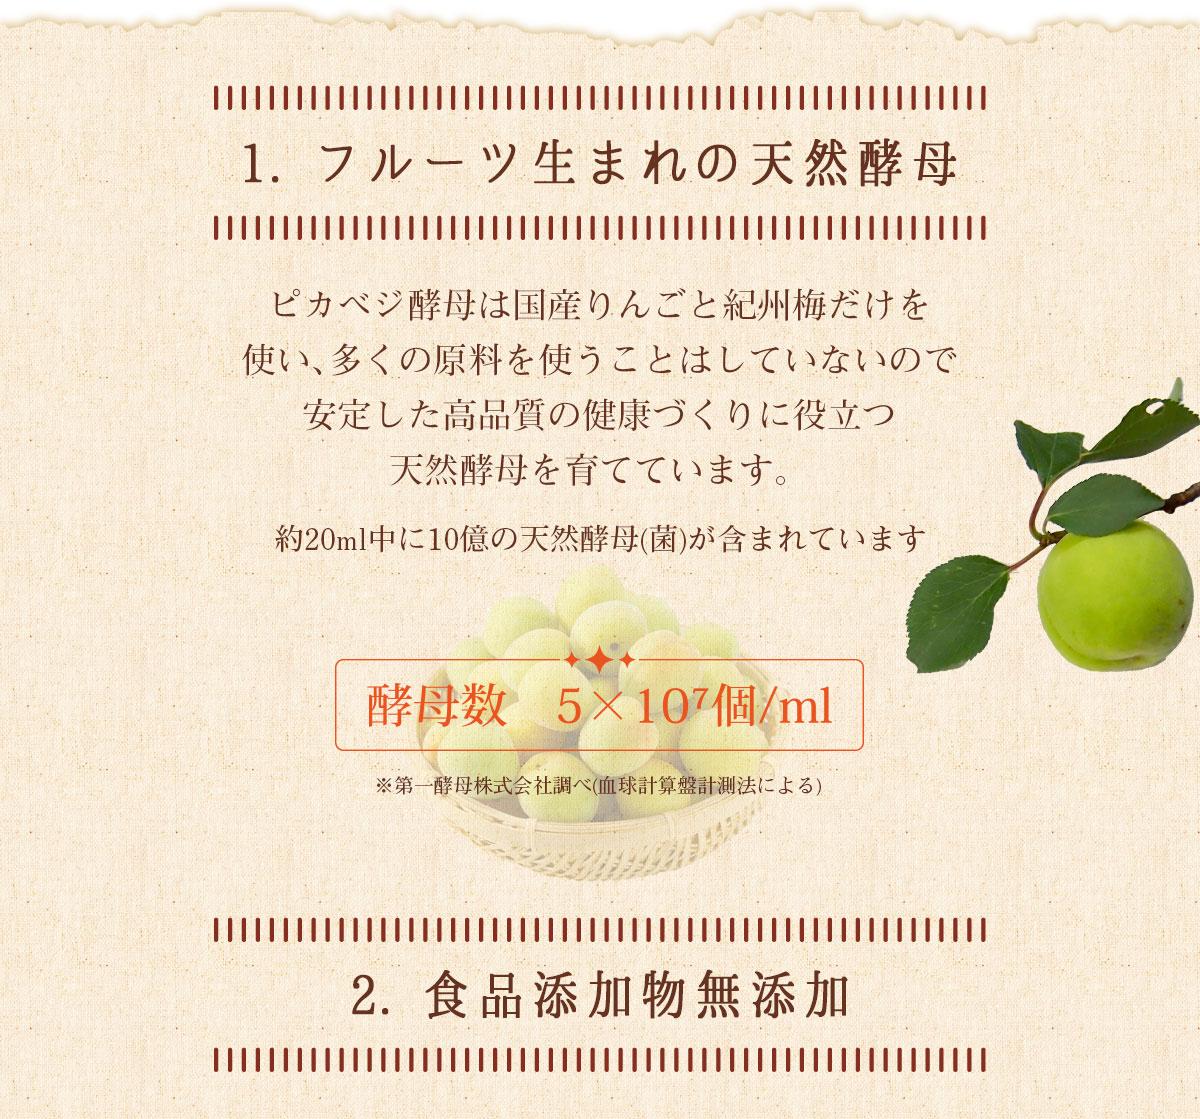 フルーツうまれの天然素材